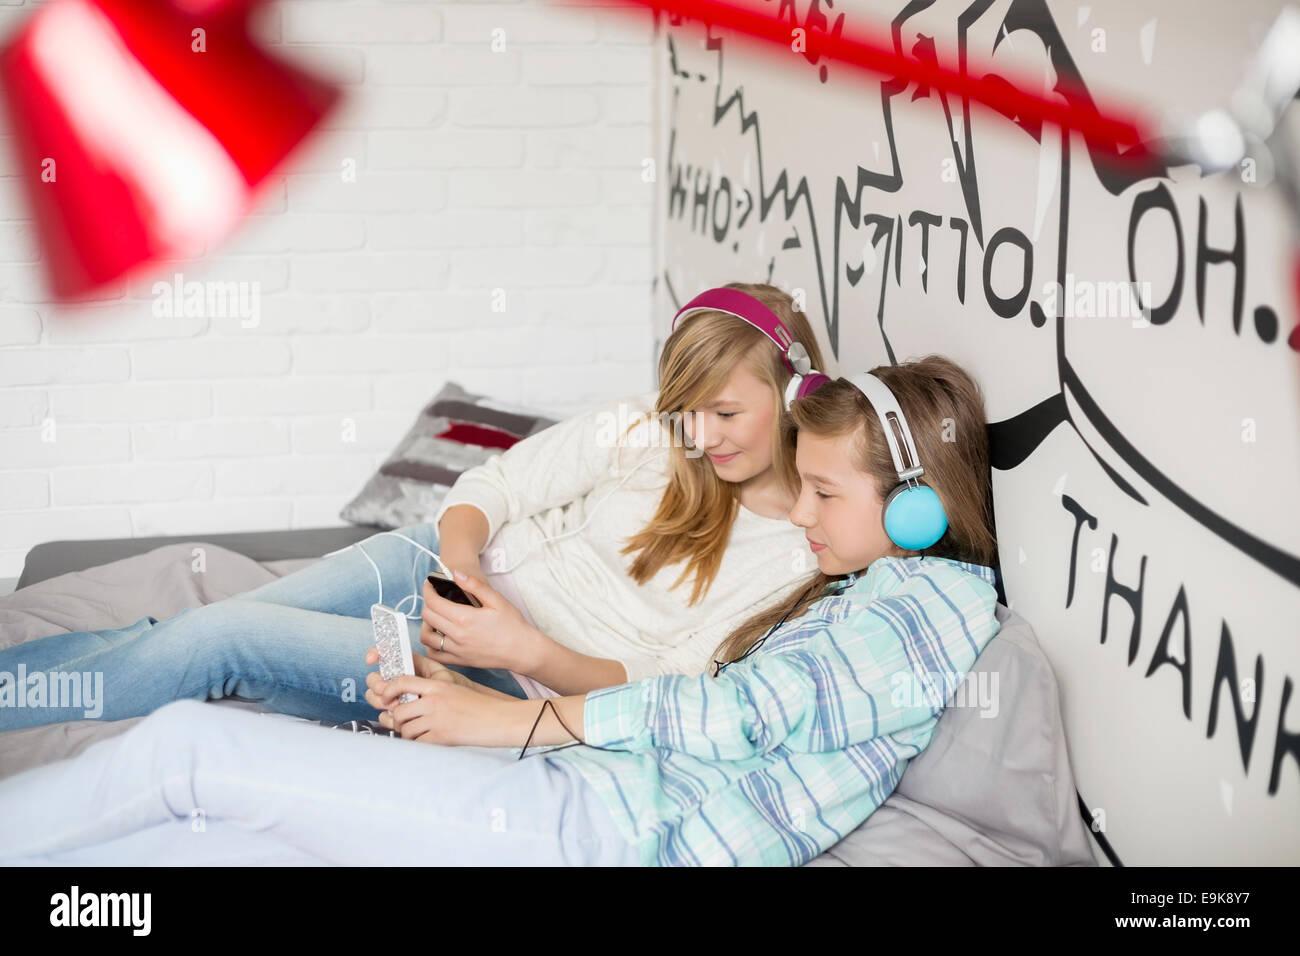 Sorelle rilassati ascoltando la musica a casa Immagini Stock